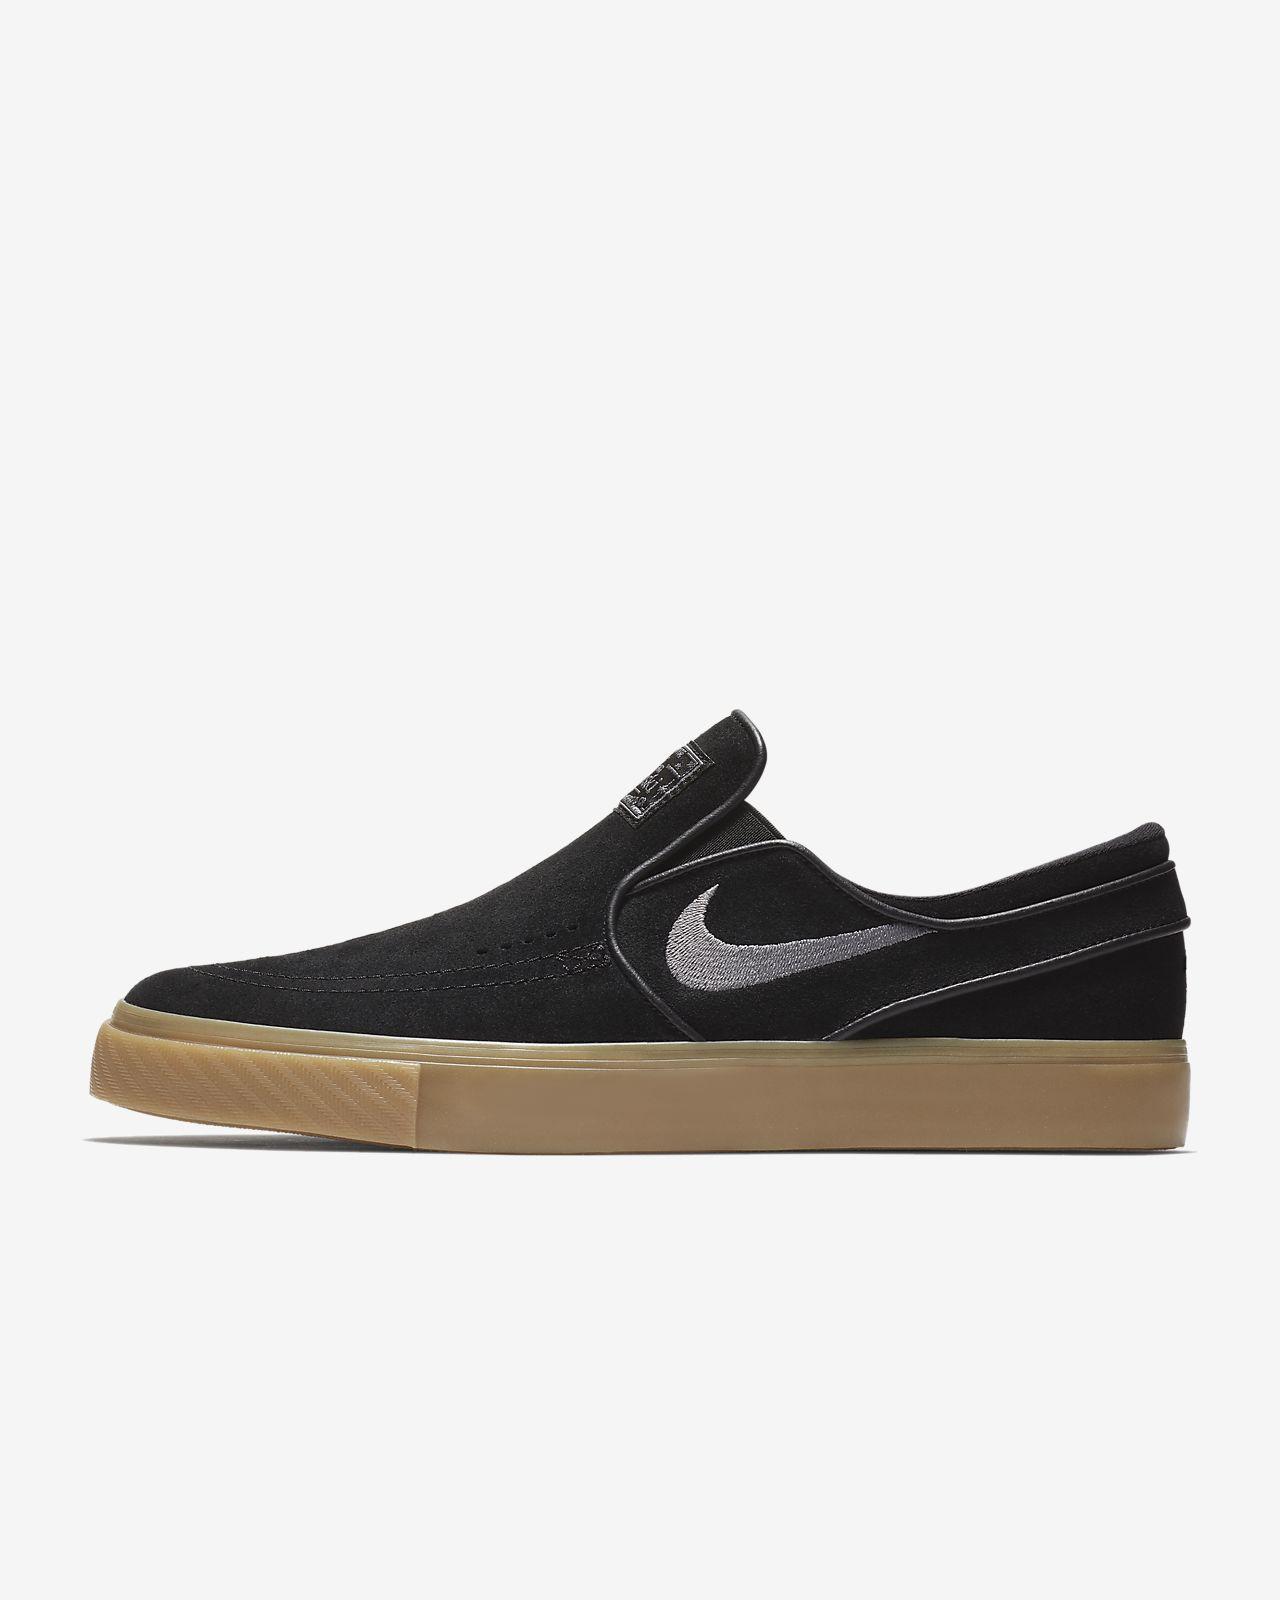 Nike - Baskets SB Zoom Stefan Janoski Slip Skateboarding - 833564 Noir - Chaussures Slips on Homme